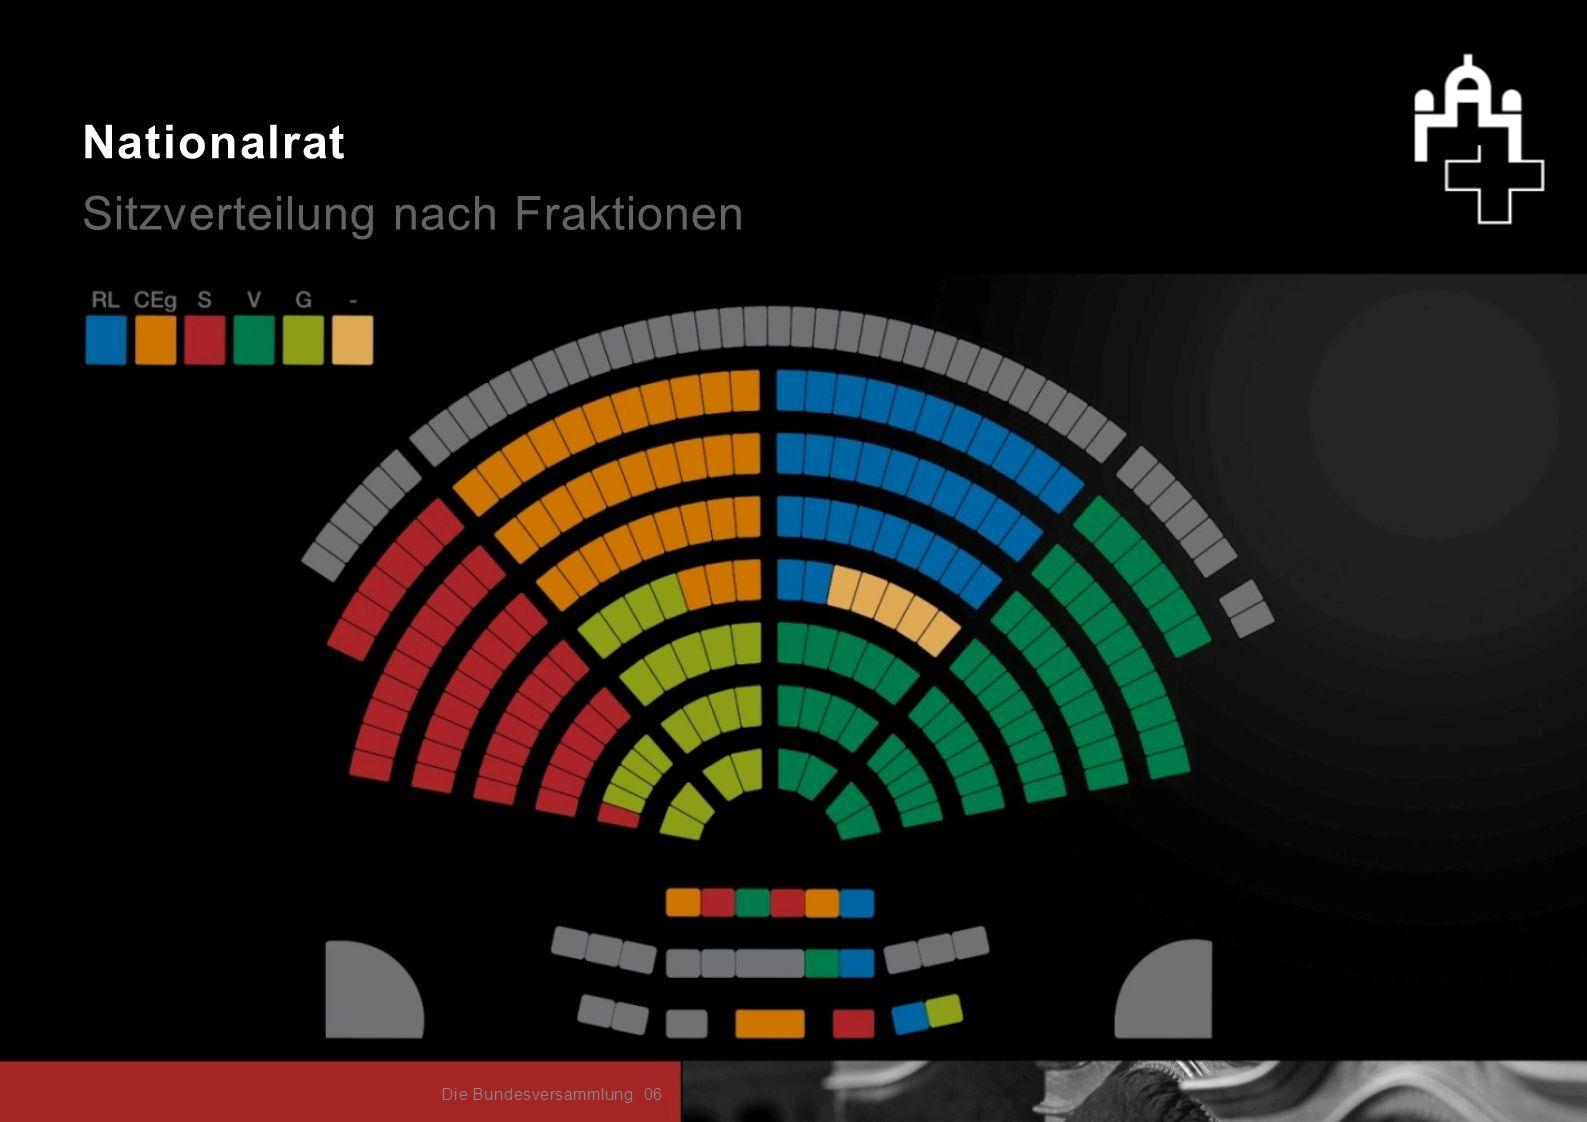 Nationalrat Sitzverteilung nach Fraktionen 06Die Bundesversammlung